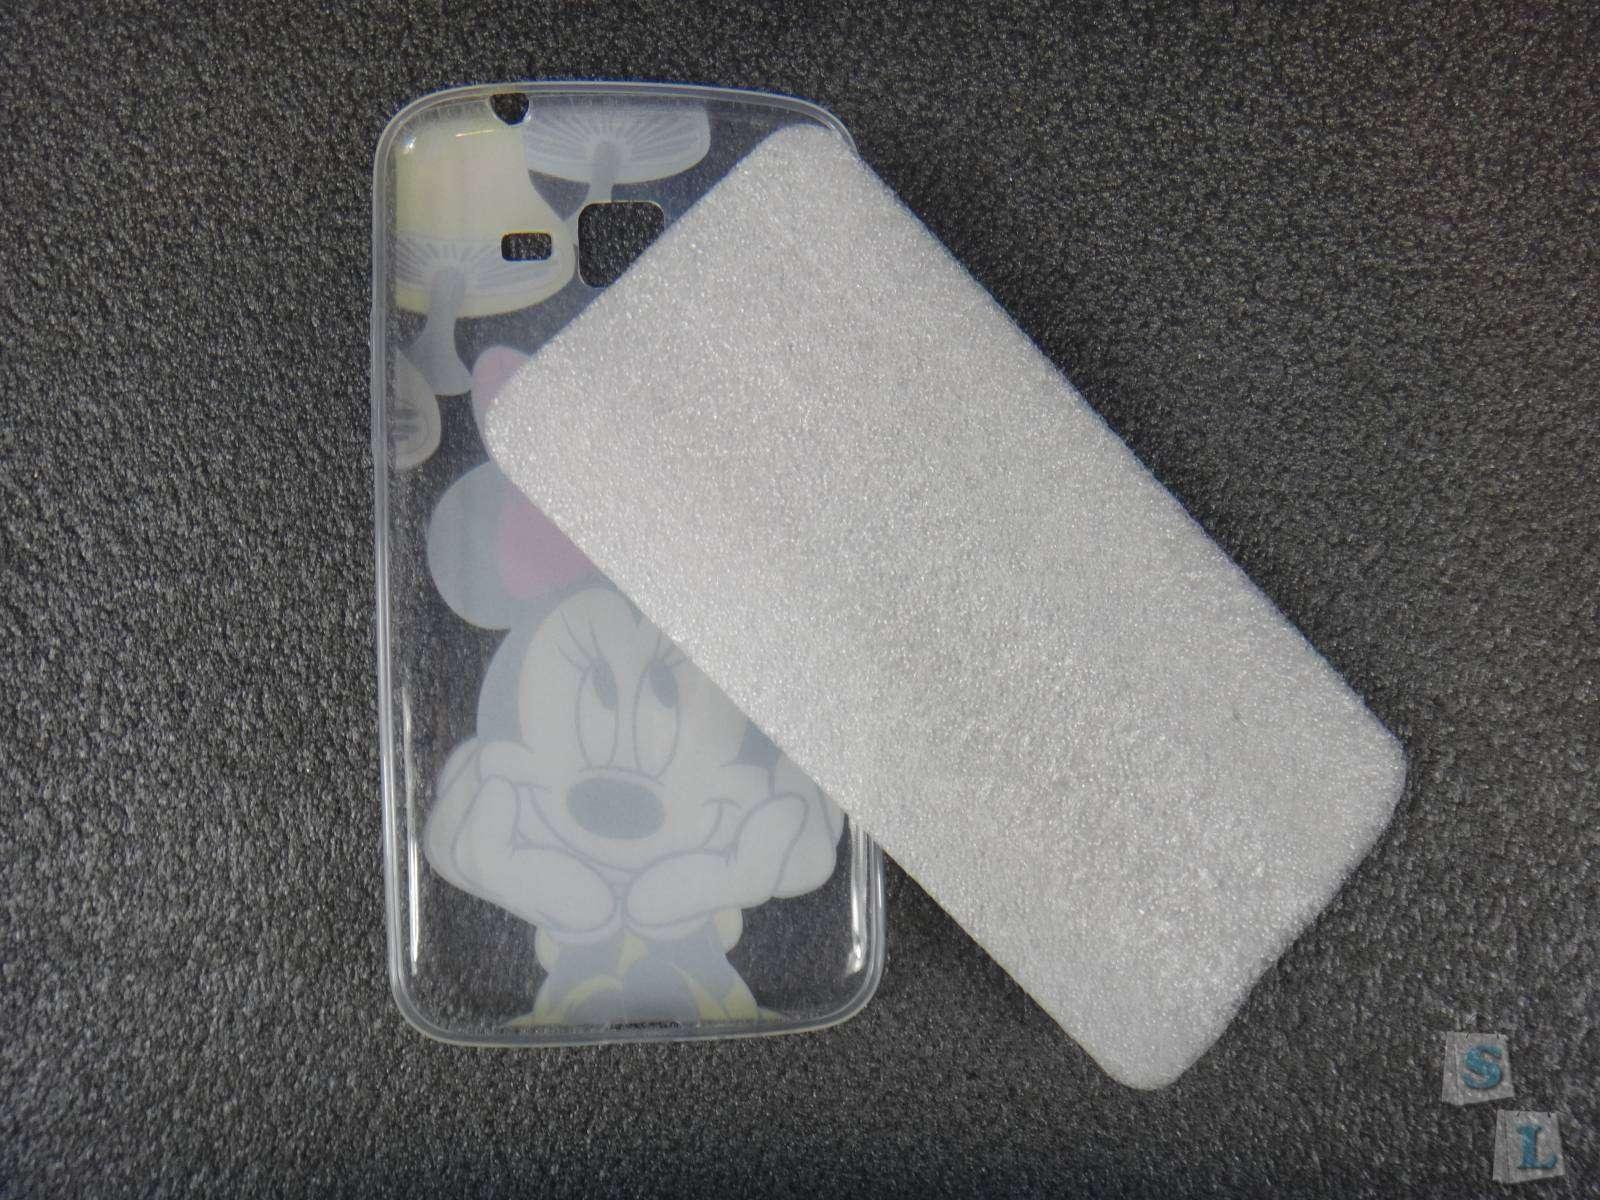 Aliexpress: Симпатичный чехол для телефона Самсунг SM-G7102 с изображением Минни Маус